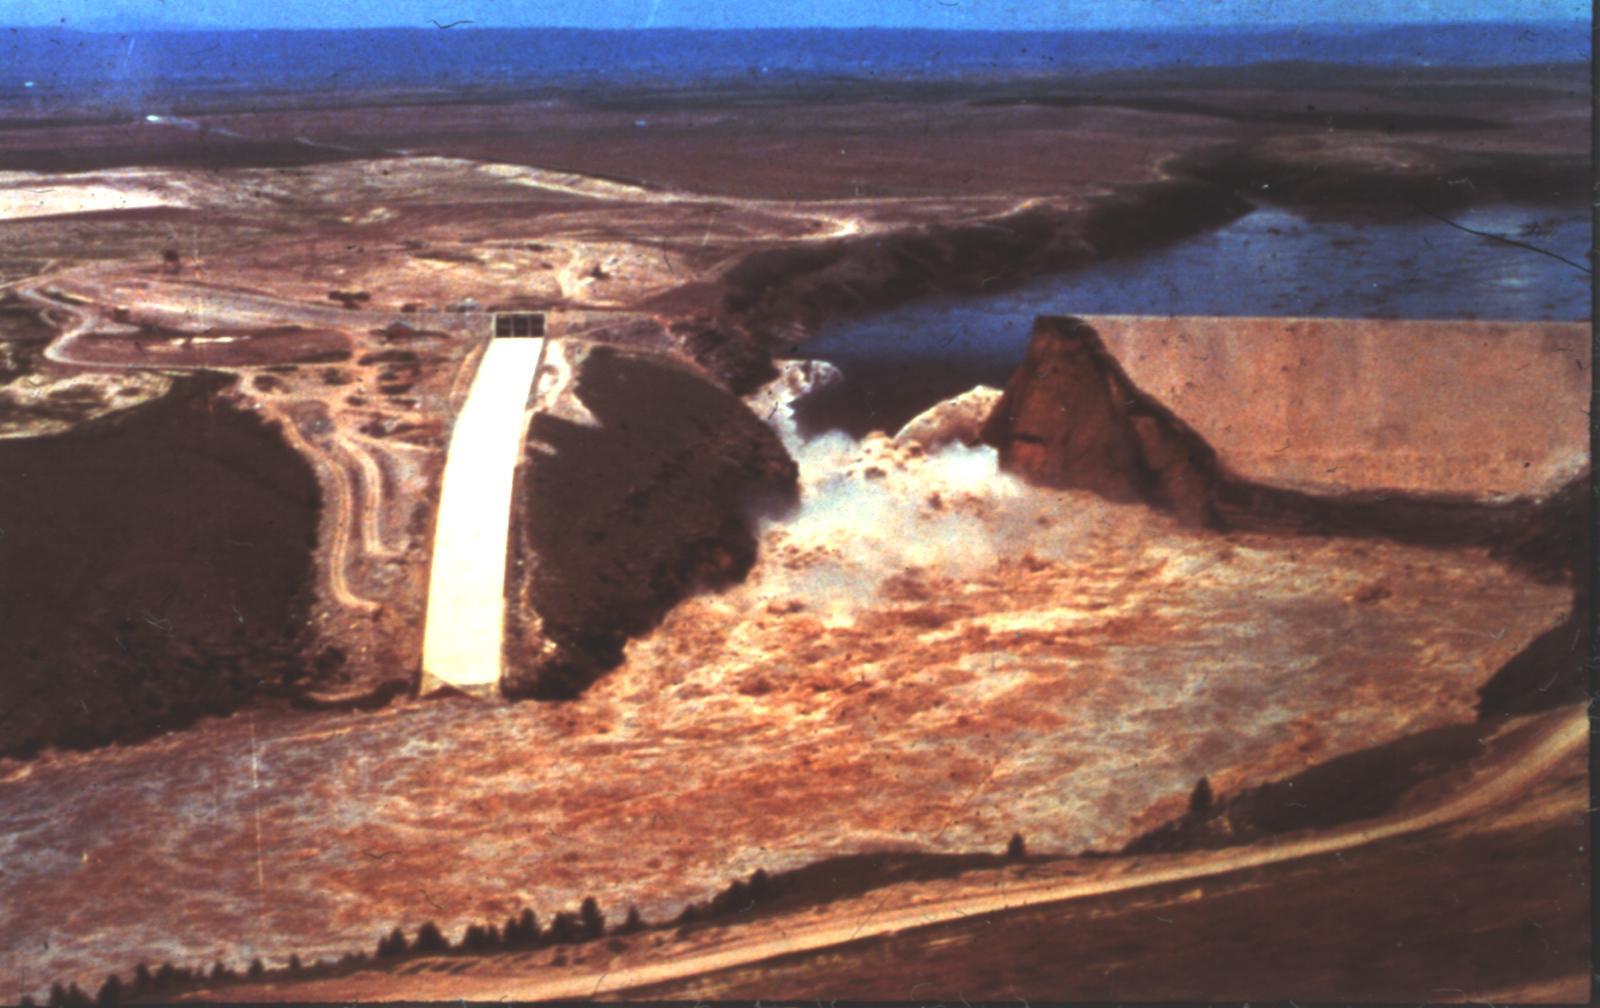 Teton Dam Collapses